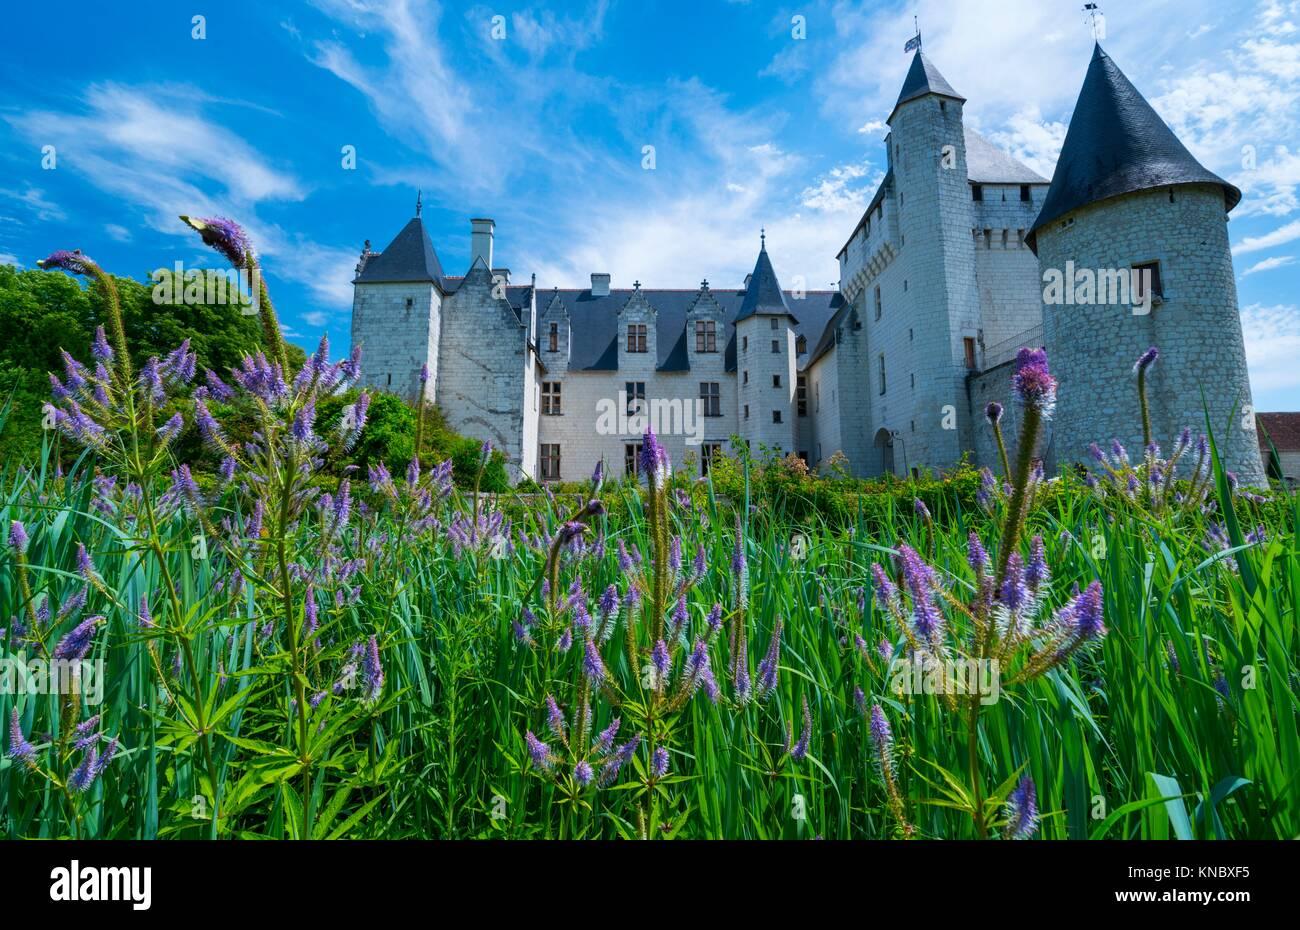 Rivau Castle, Lémeré, Indre-et-Loire Department, The Loire Valley, France, Europe. - Stock Image